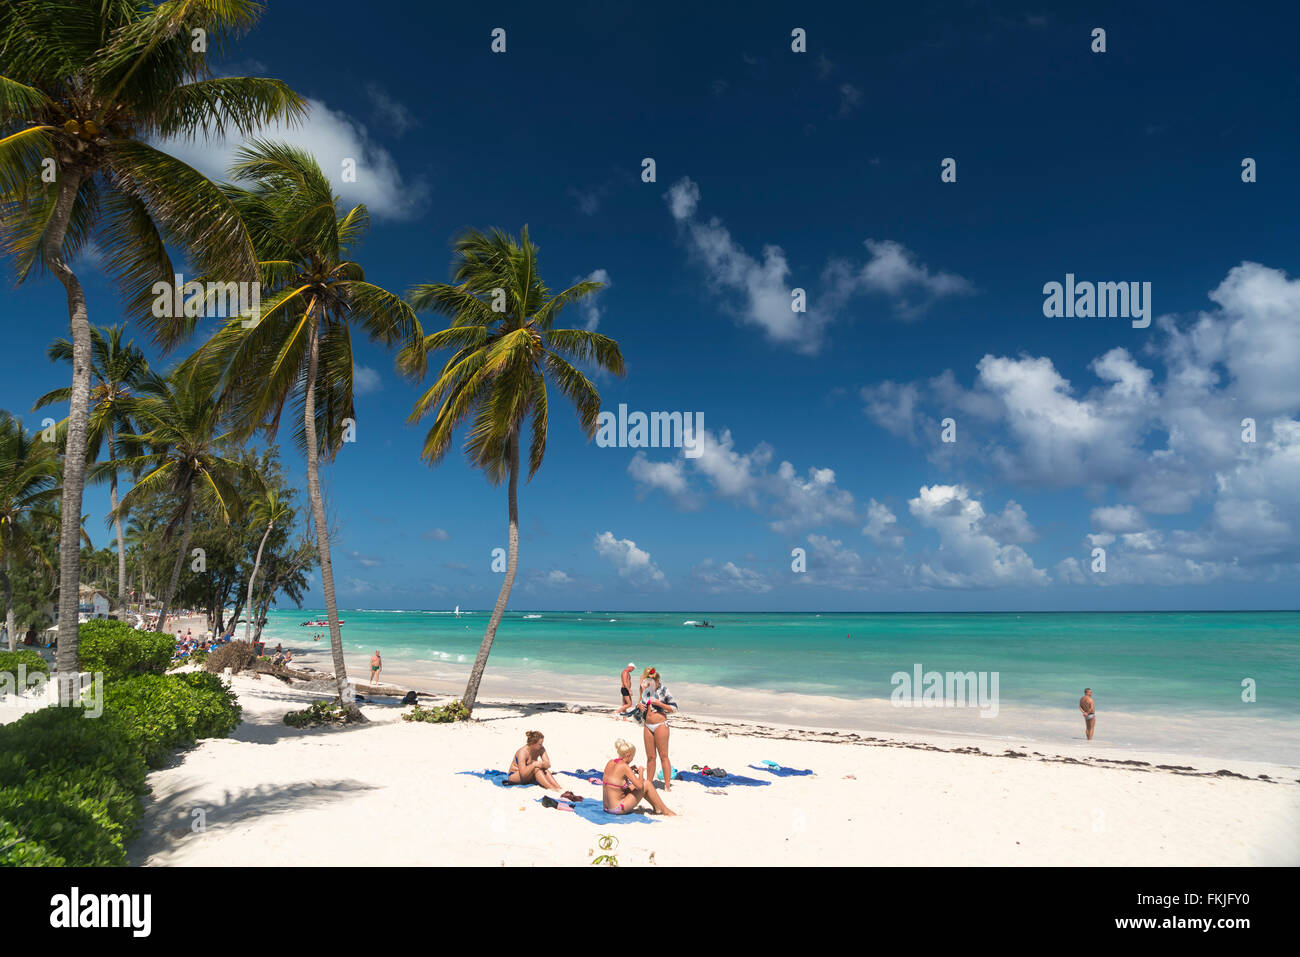 Palmeras de playa arenosa de Playa Bávaro, Punta Cana, República Dominicana, El Caribe, América, Imagen De Stock